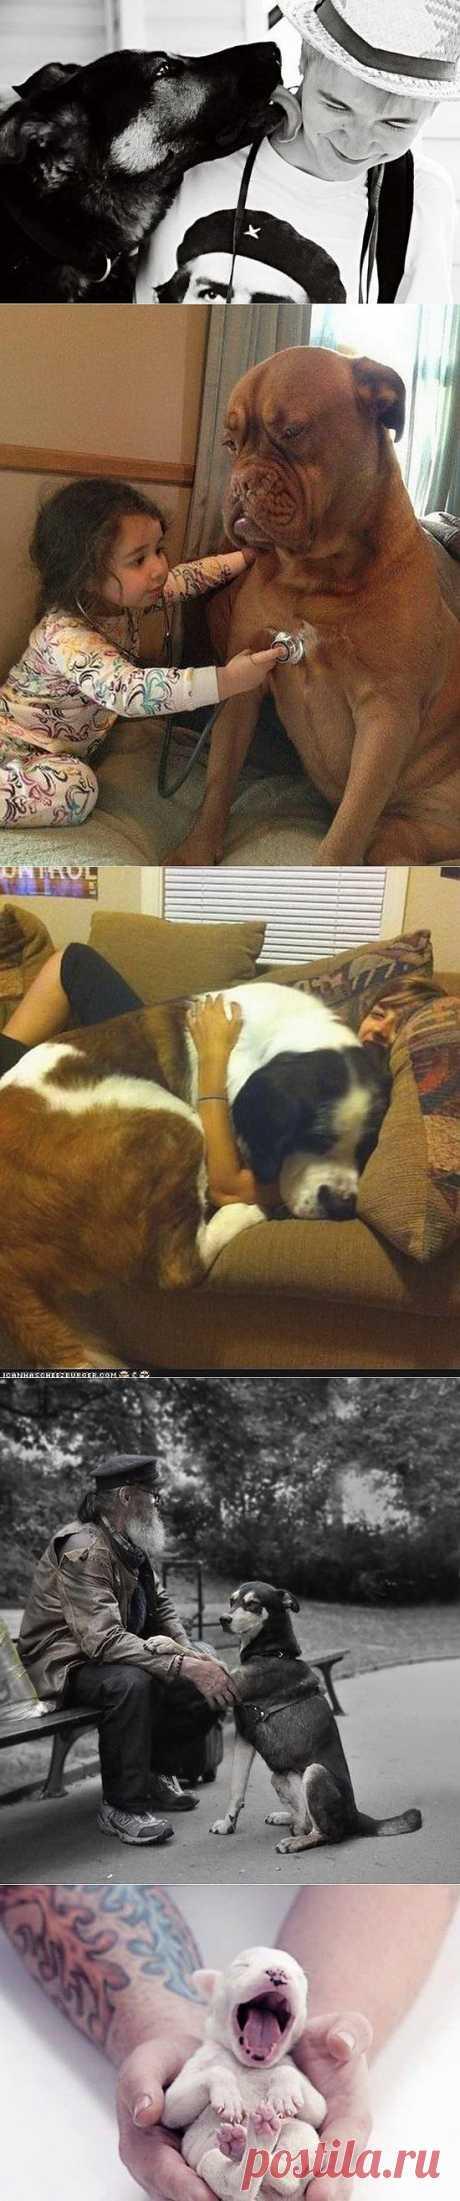 Что такое собака в доме?.